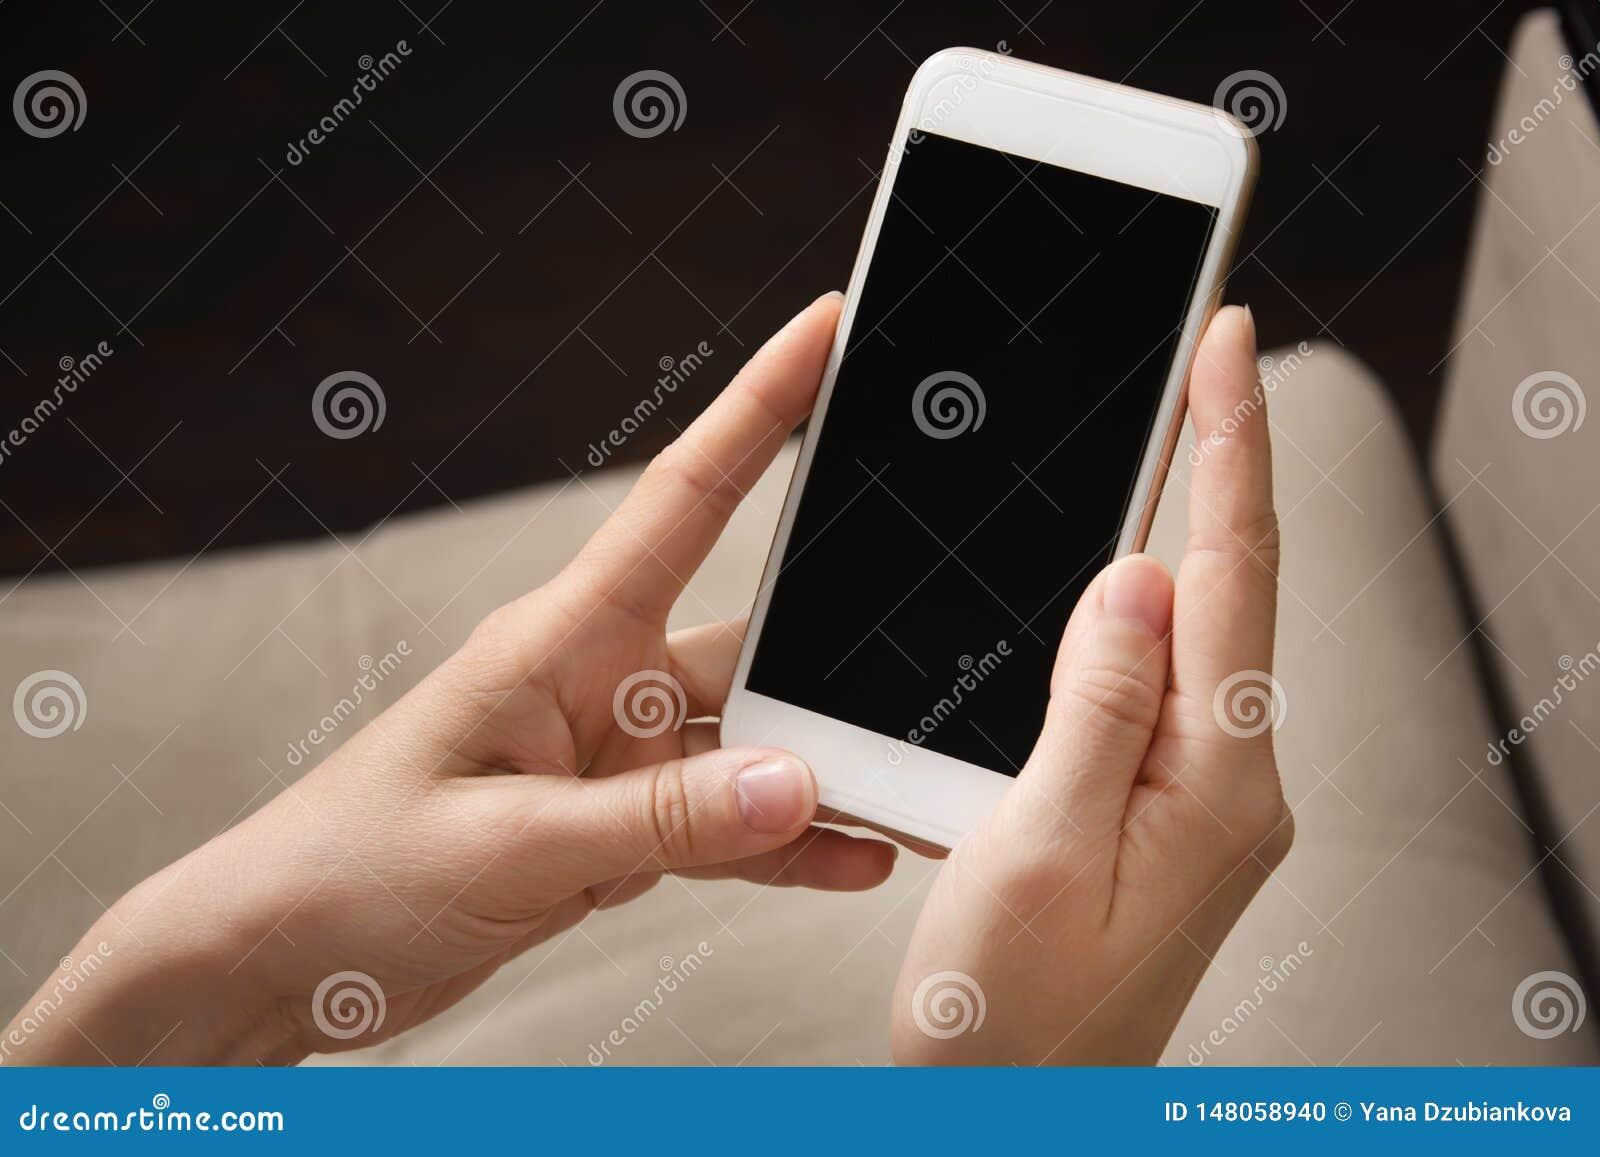 Weibliche H?nde halten wei?es Telefon in ihren H?nden Handynahaufnahme